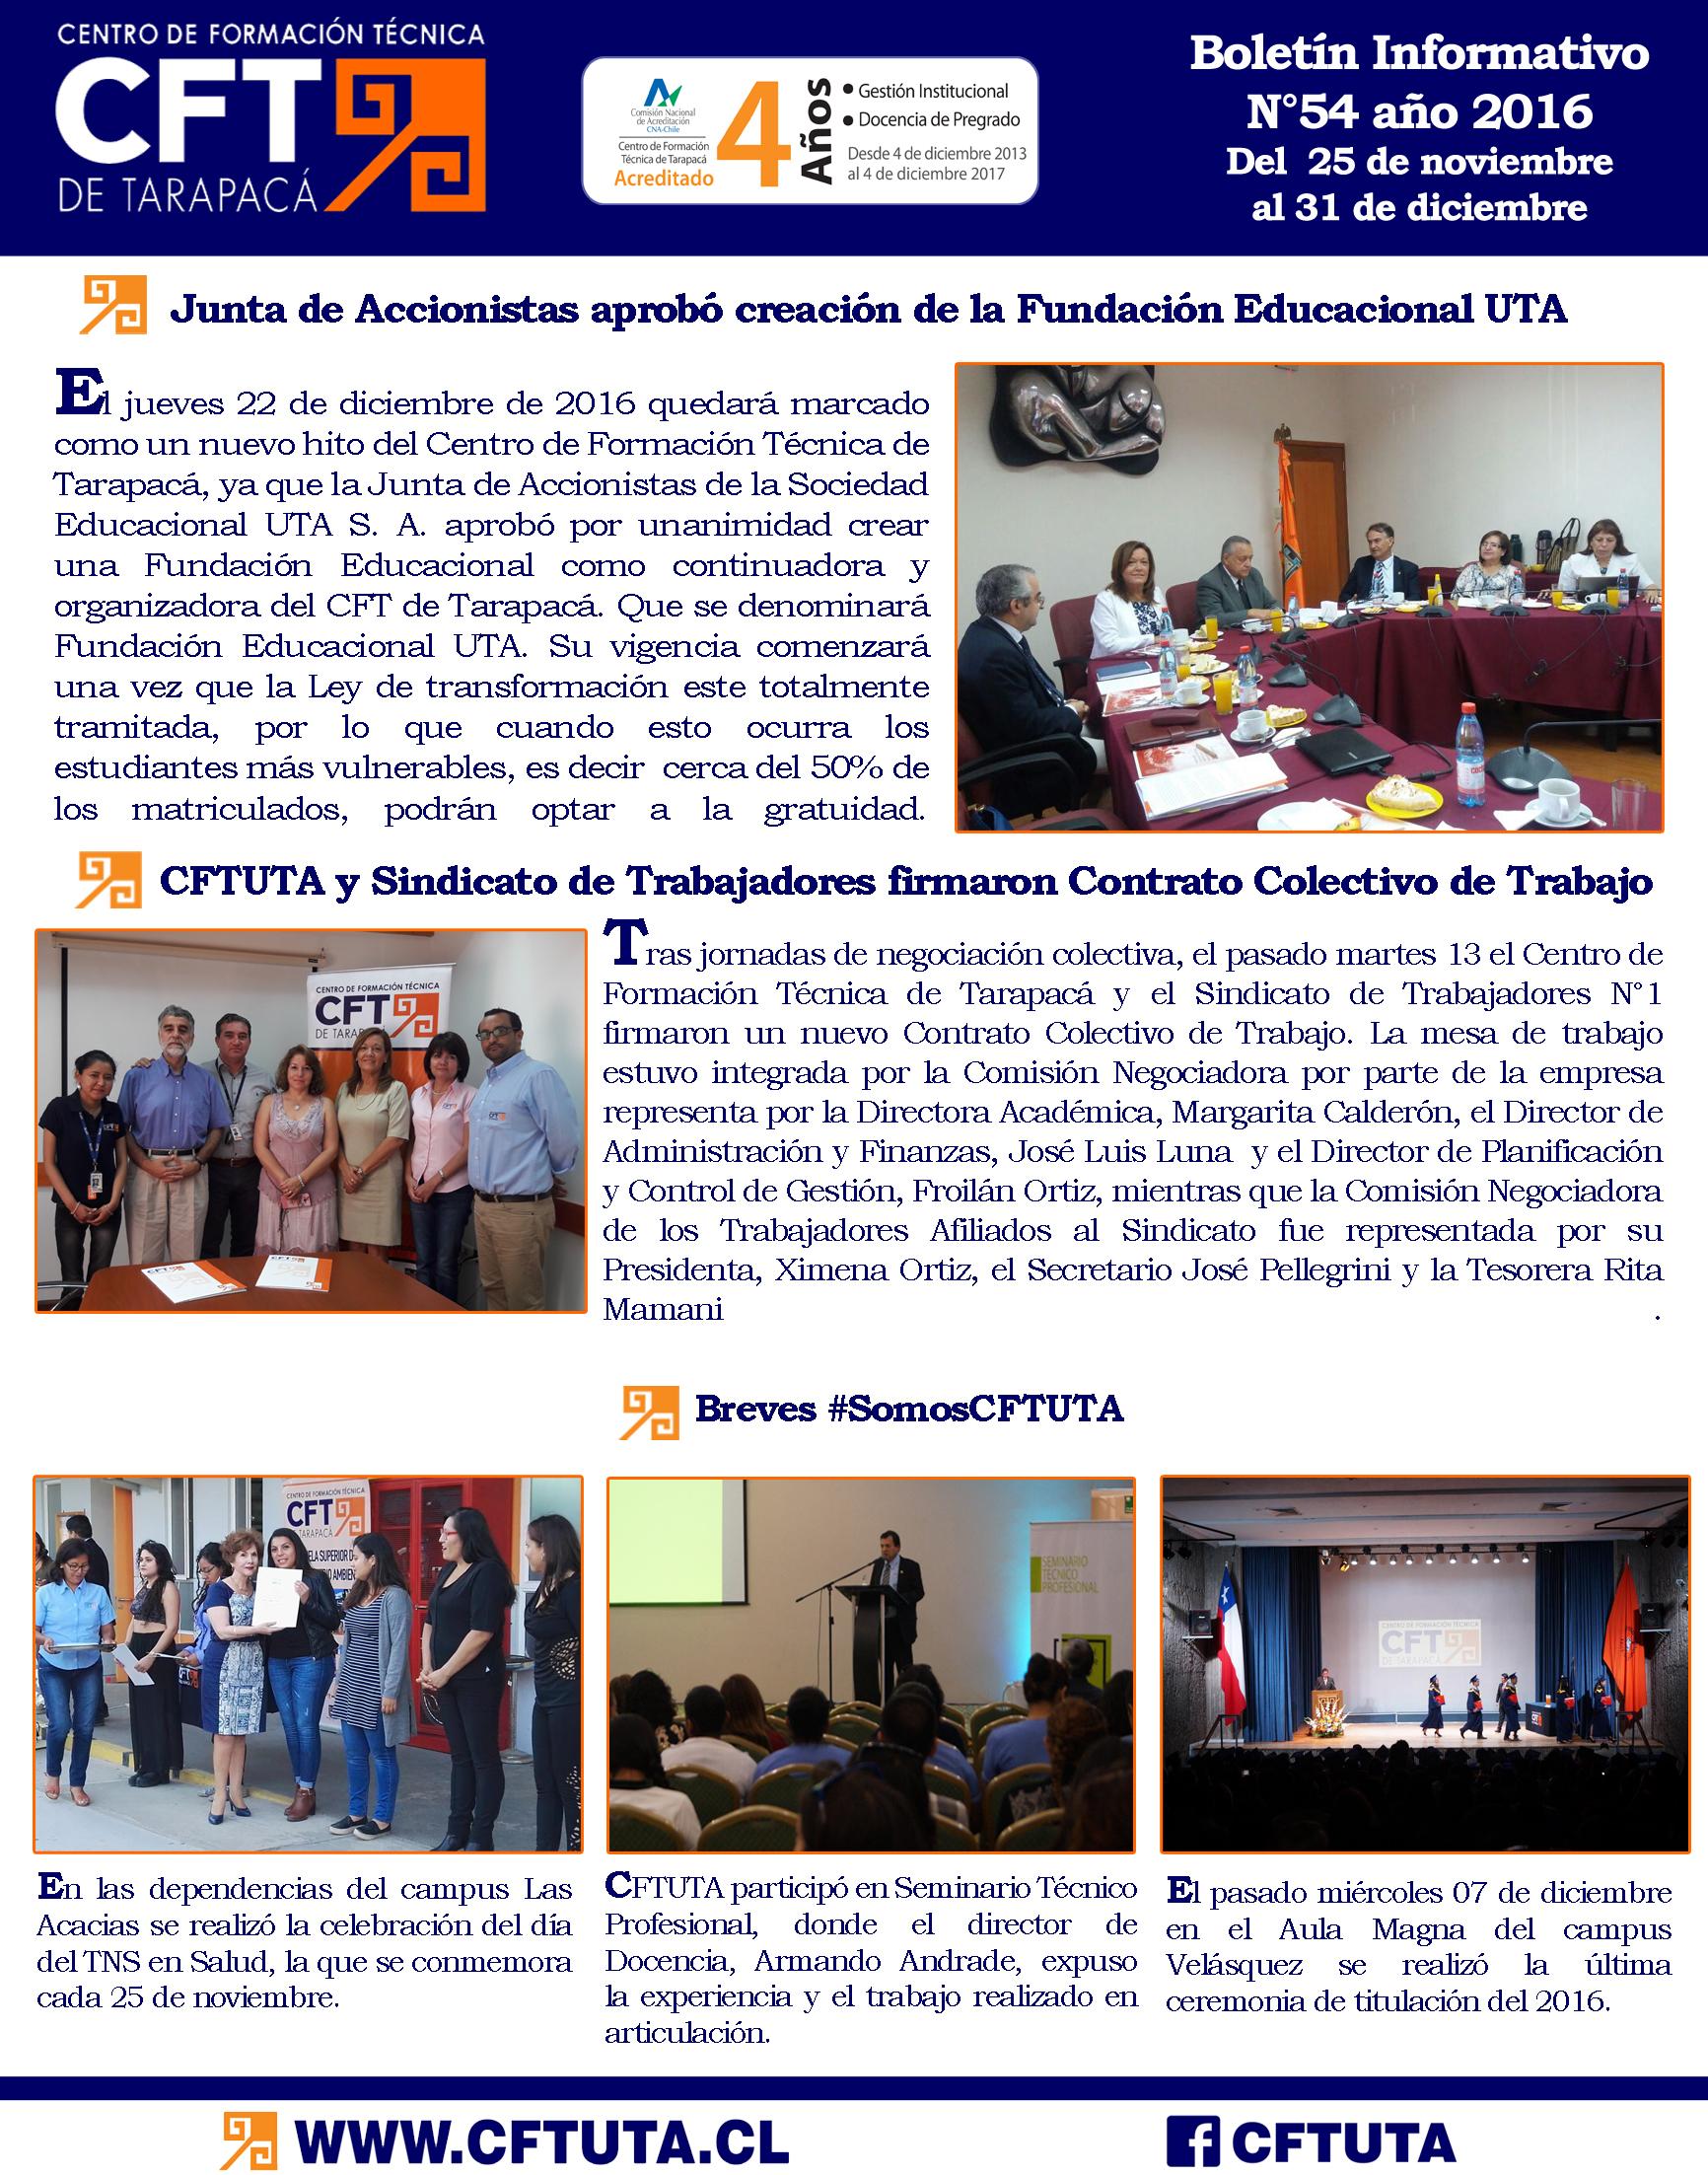 Boletín N°54 CFT de Tarapacá